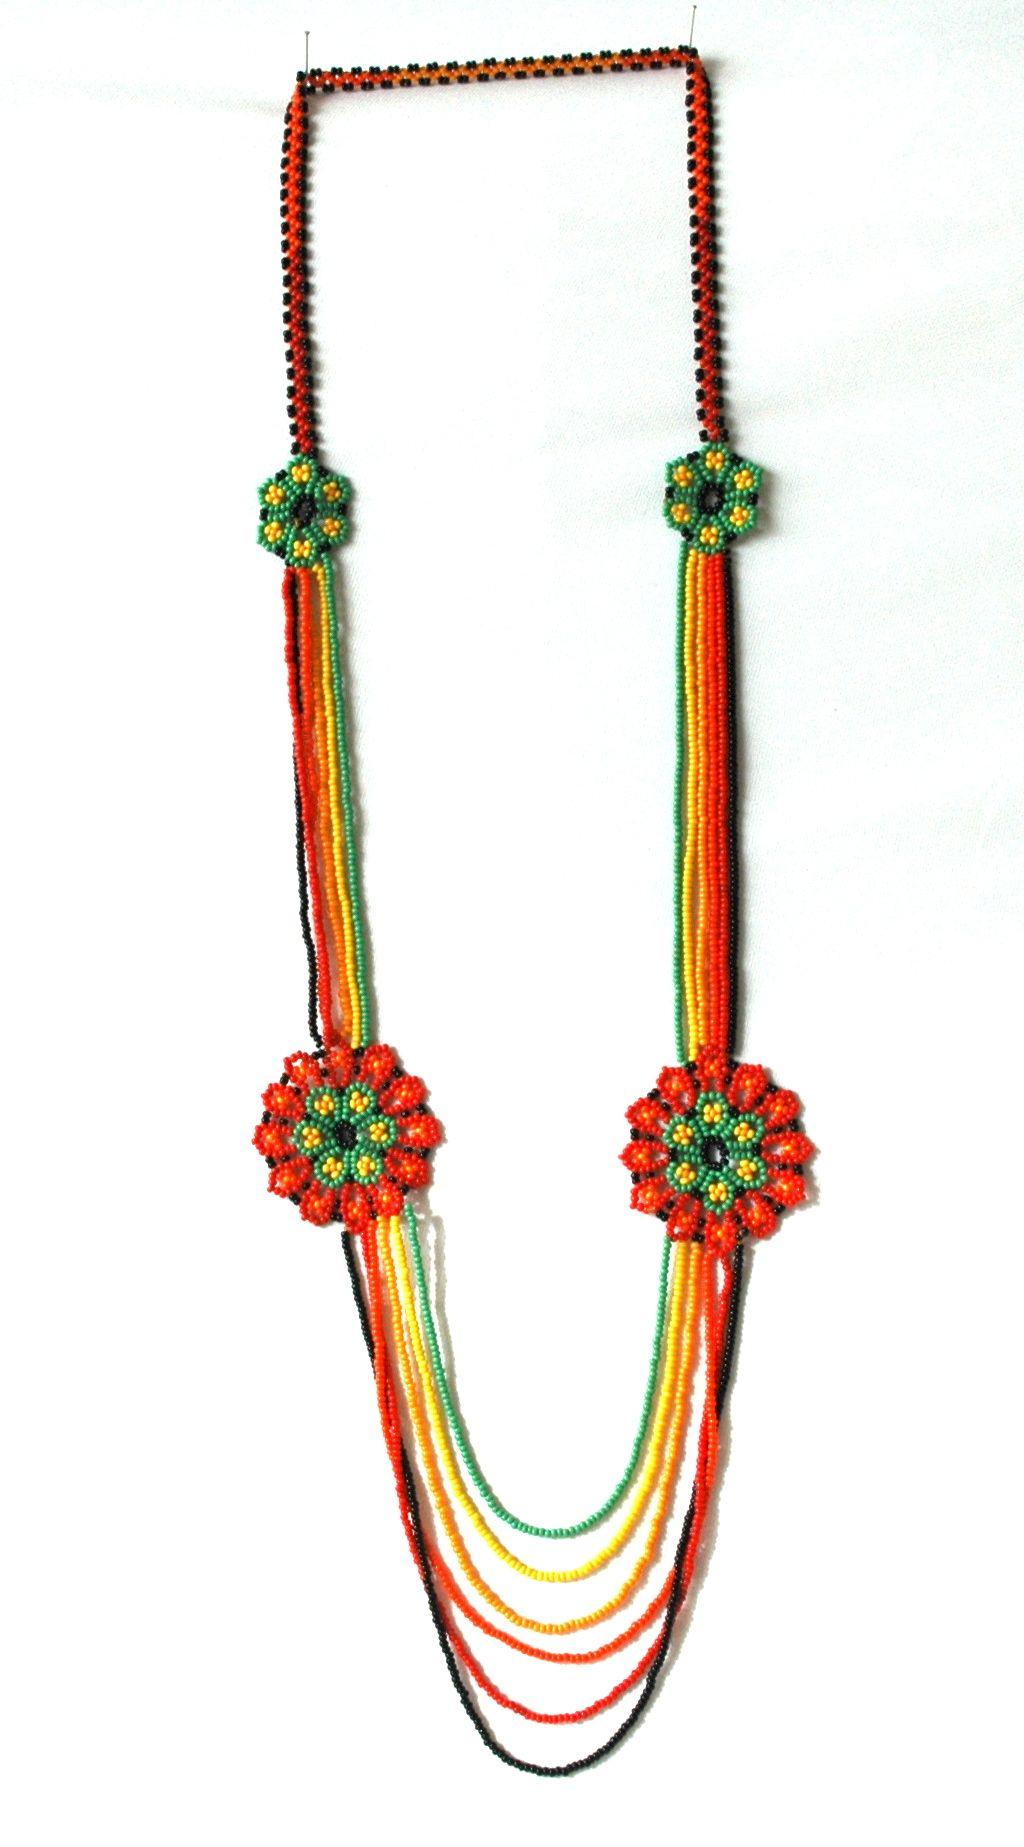 4fe74e766290 collar de piedras chaquiras realizado por la tribu Embera de Colombia...   Wayuucolombia Barcelona